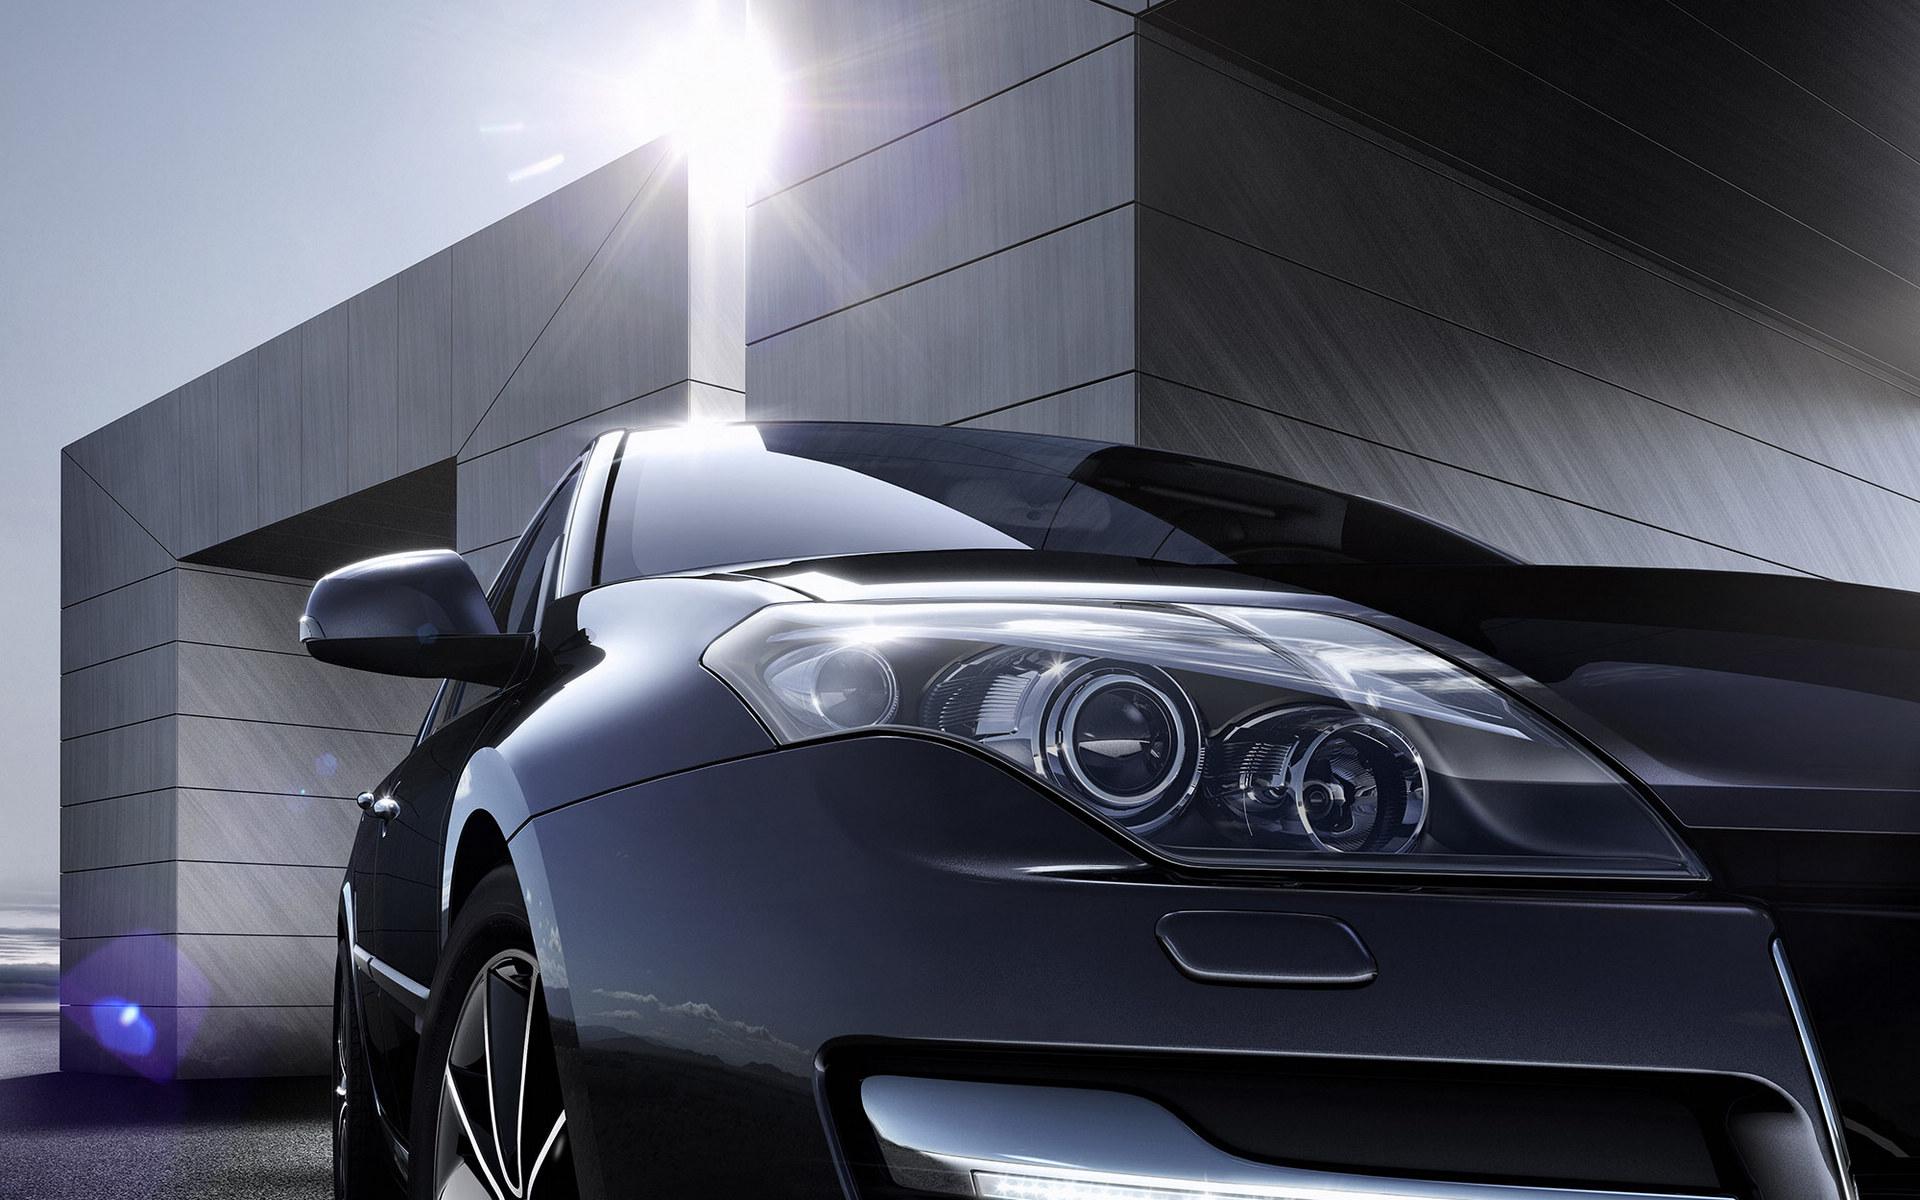 Black Car Headlight Closeup